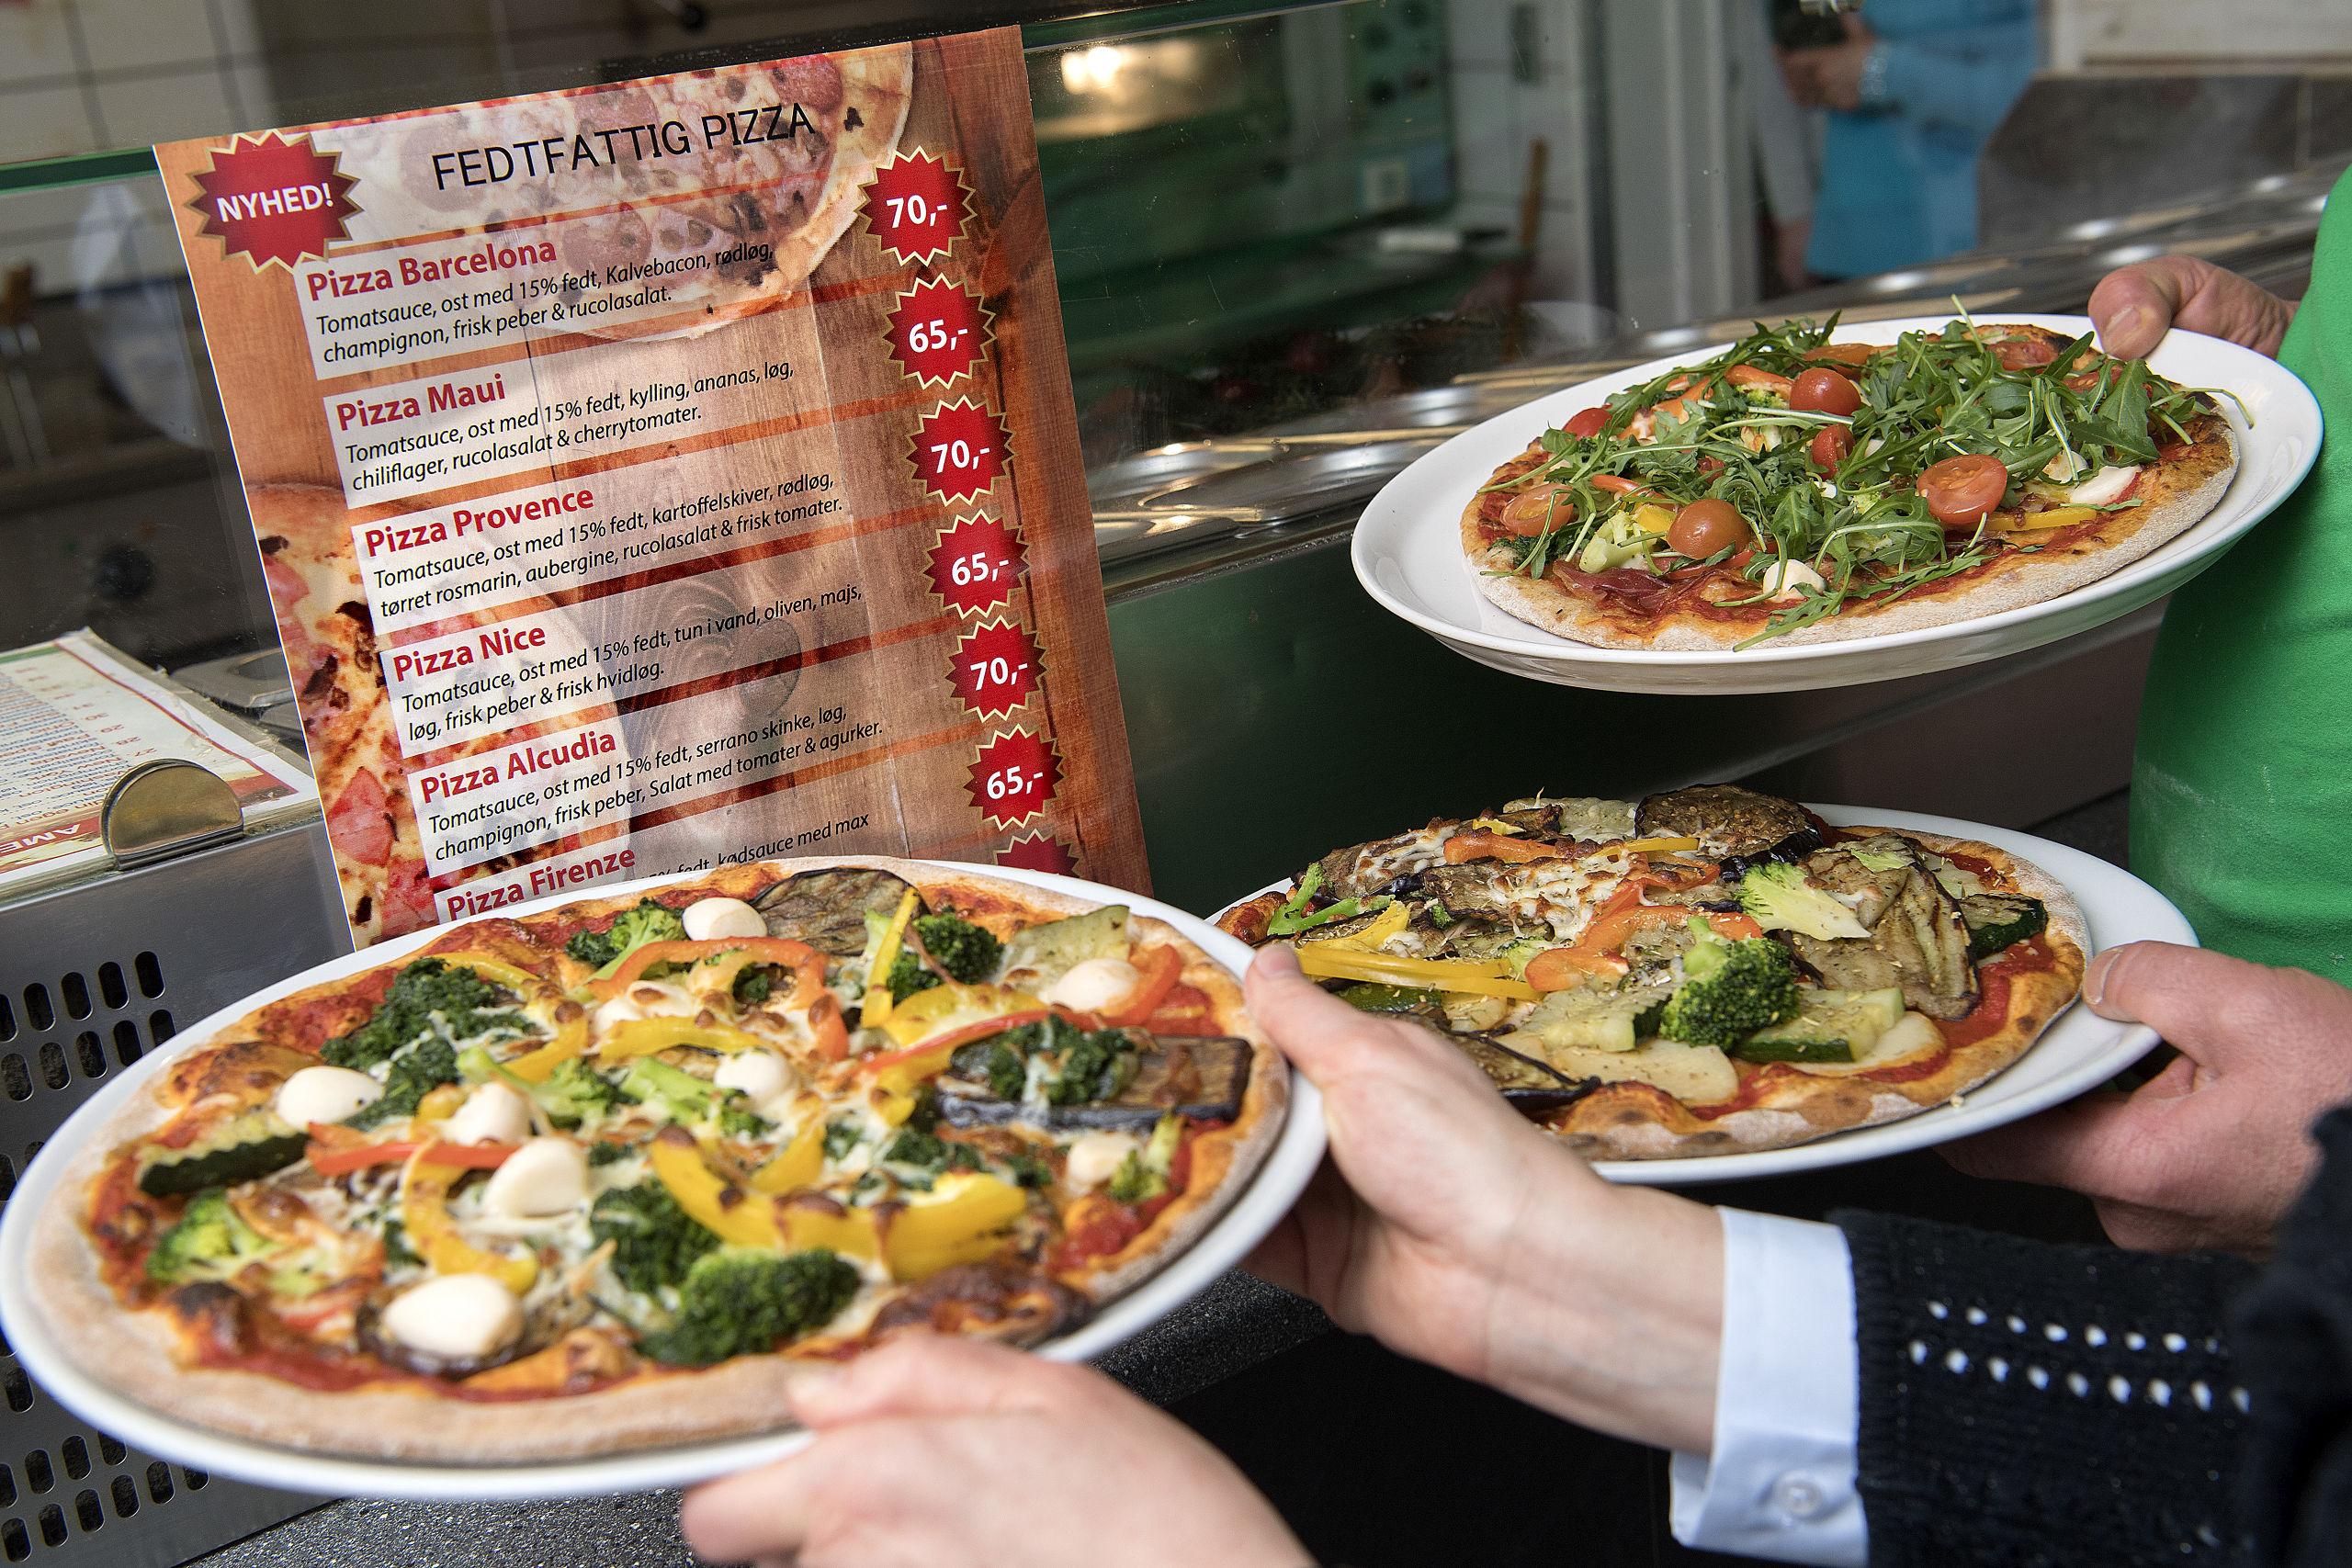 Der er otte forskellige slags at vælge imellem hos Yones Grill & Pizza, hvis du er sulten efter en fedtfattig pizza.